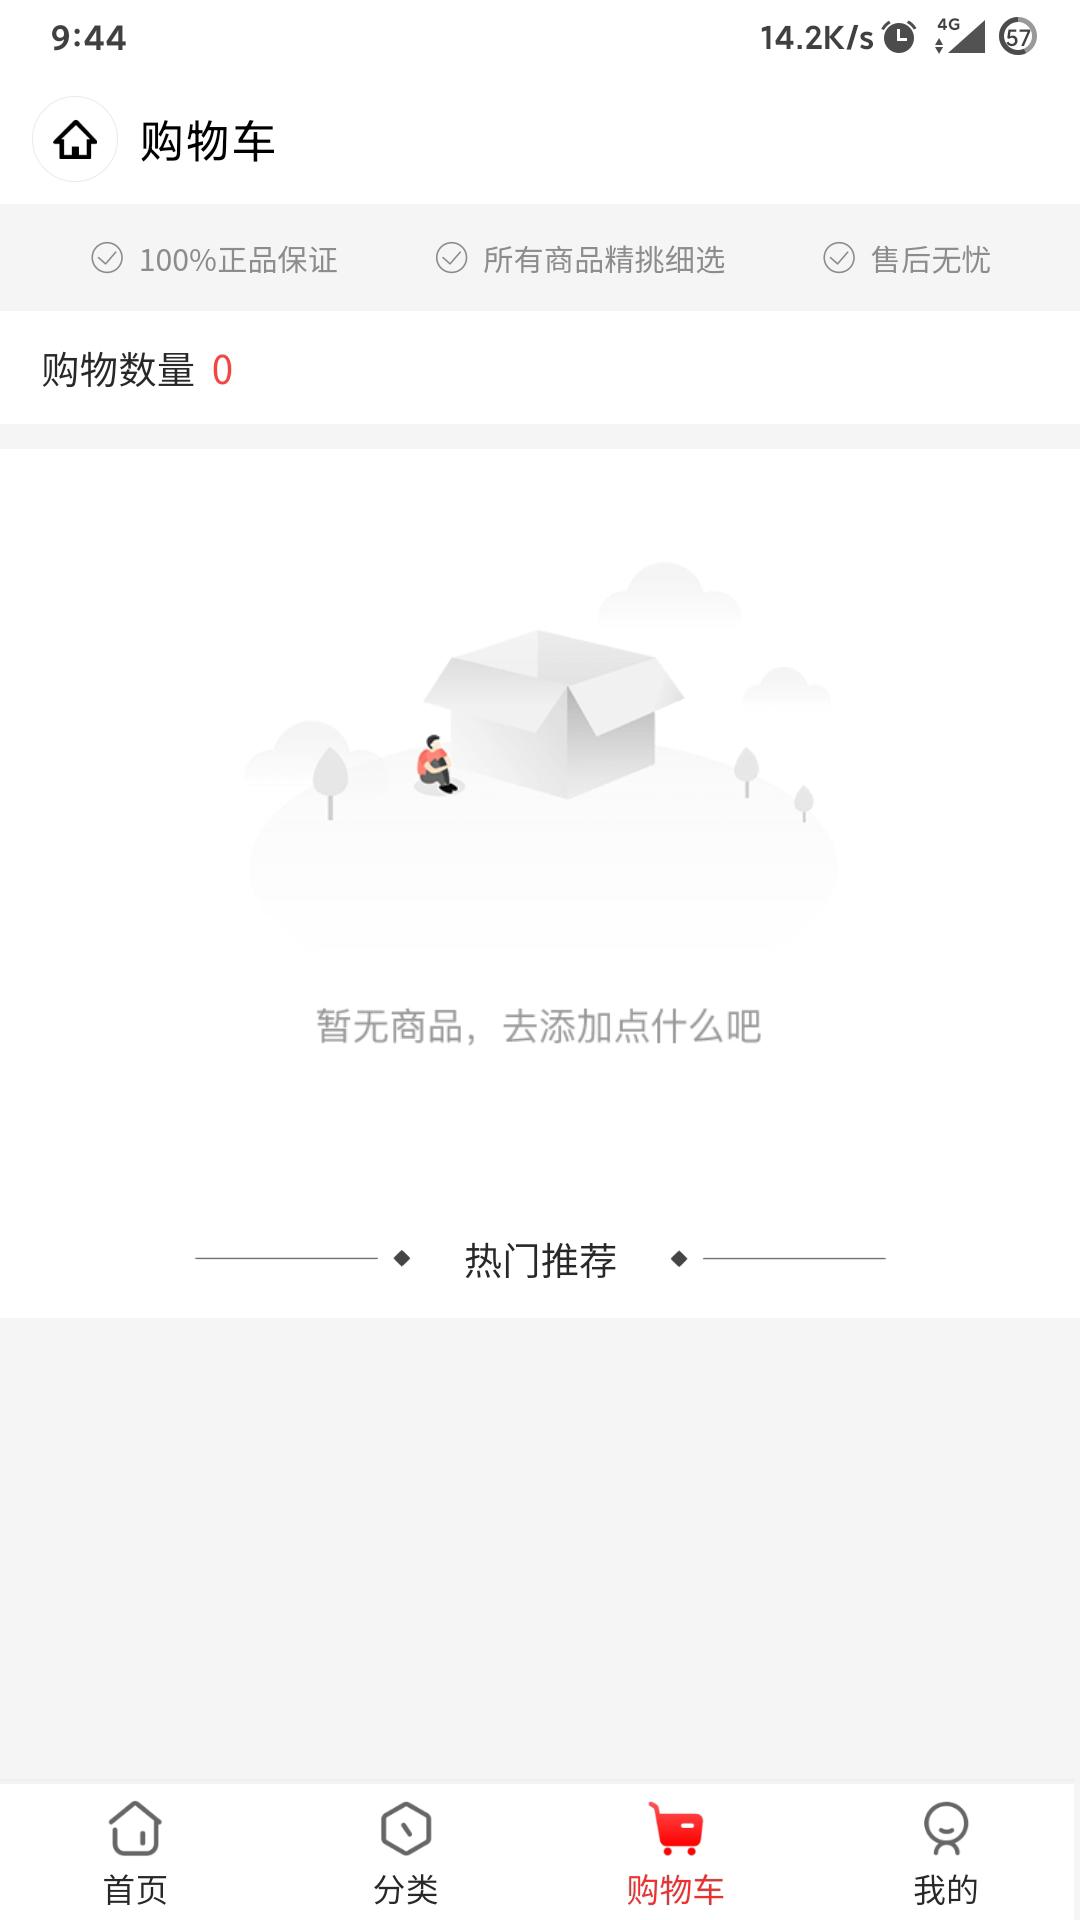 中酒汇金(2)